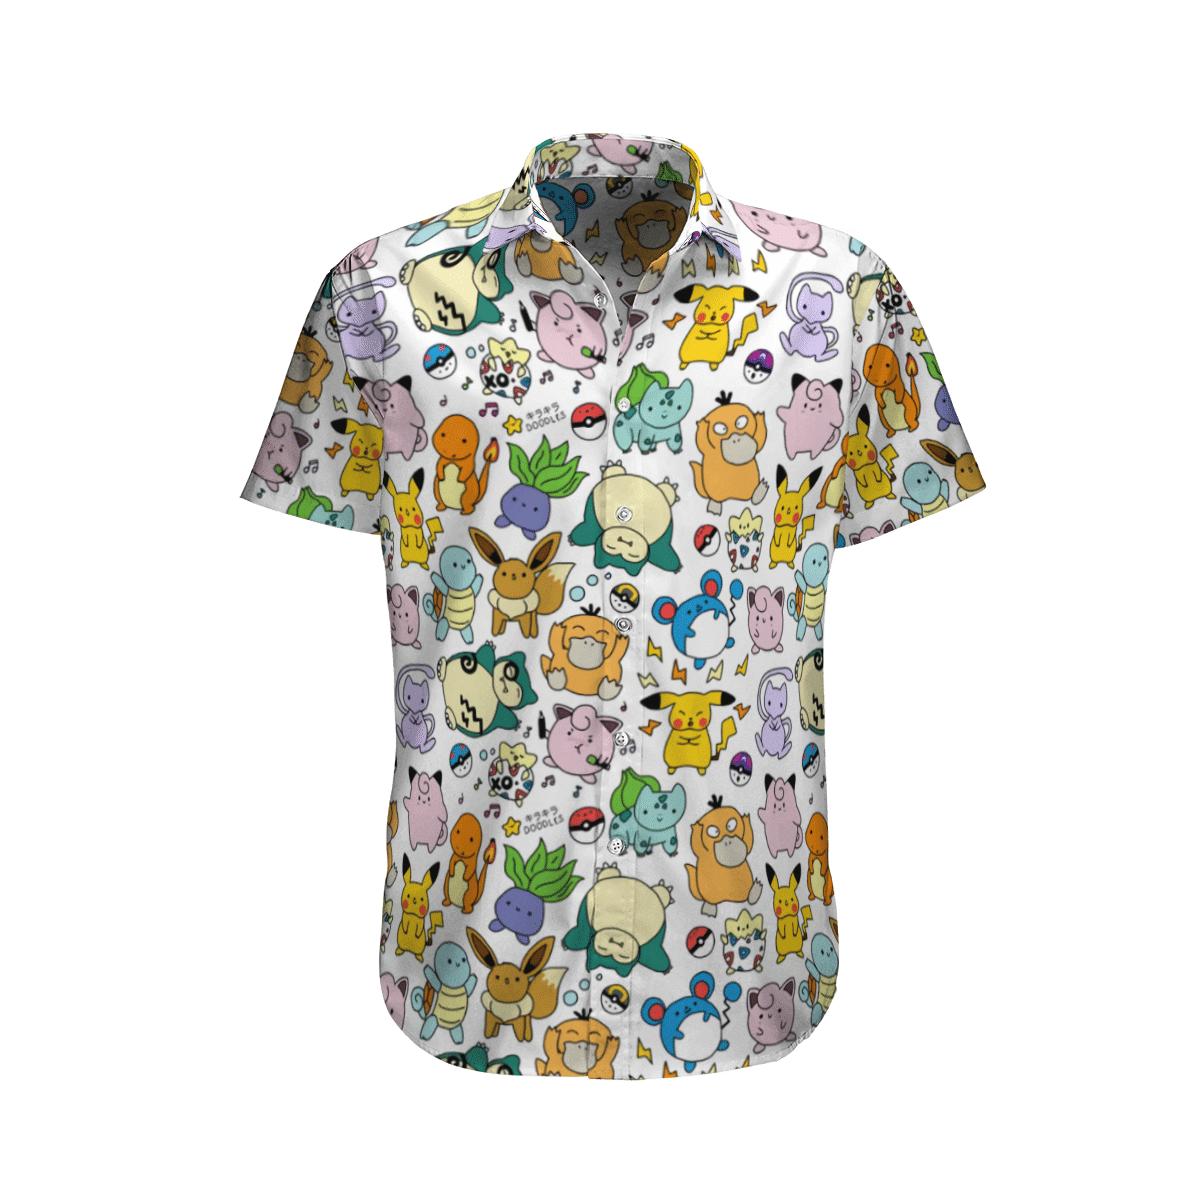 Snorlax hawaiian shirt and short 1